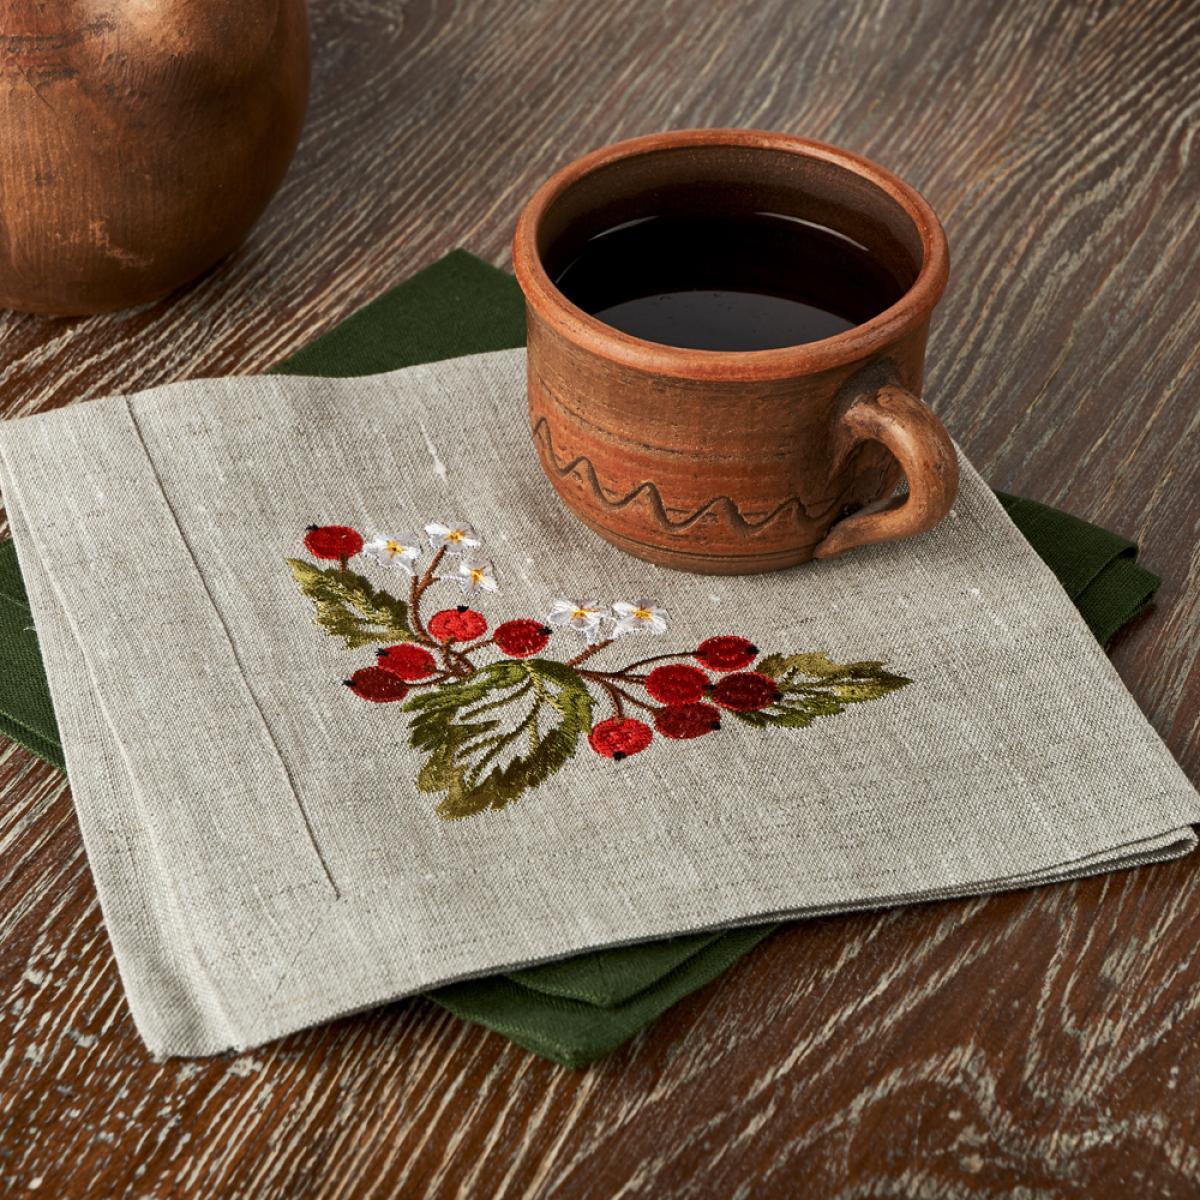 Льняная салфетка на стол Калина  40 * 40 . Фото №1. | Народный дом Украина